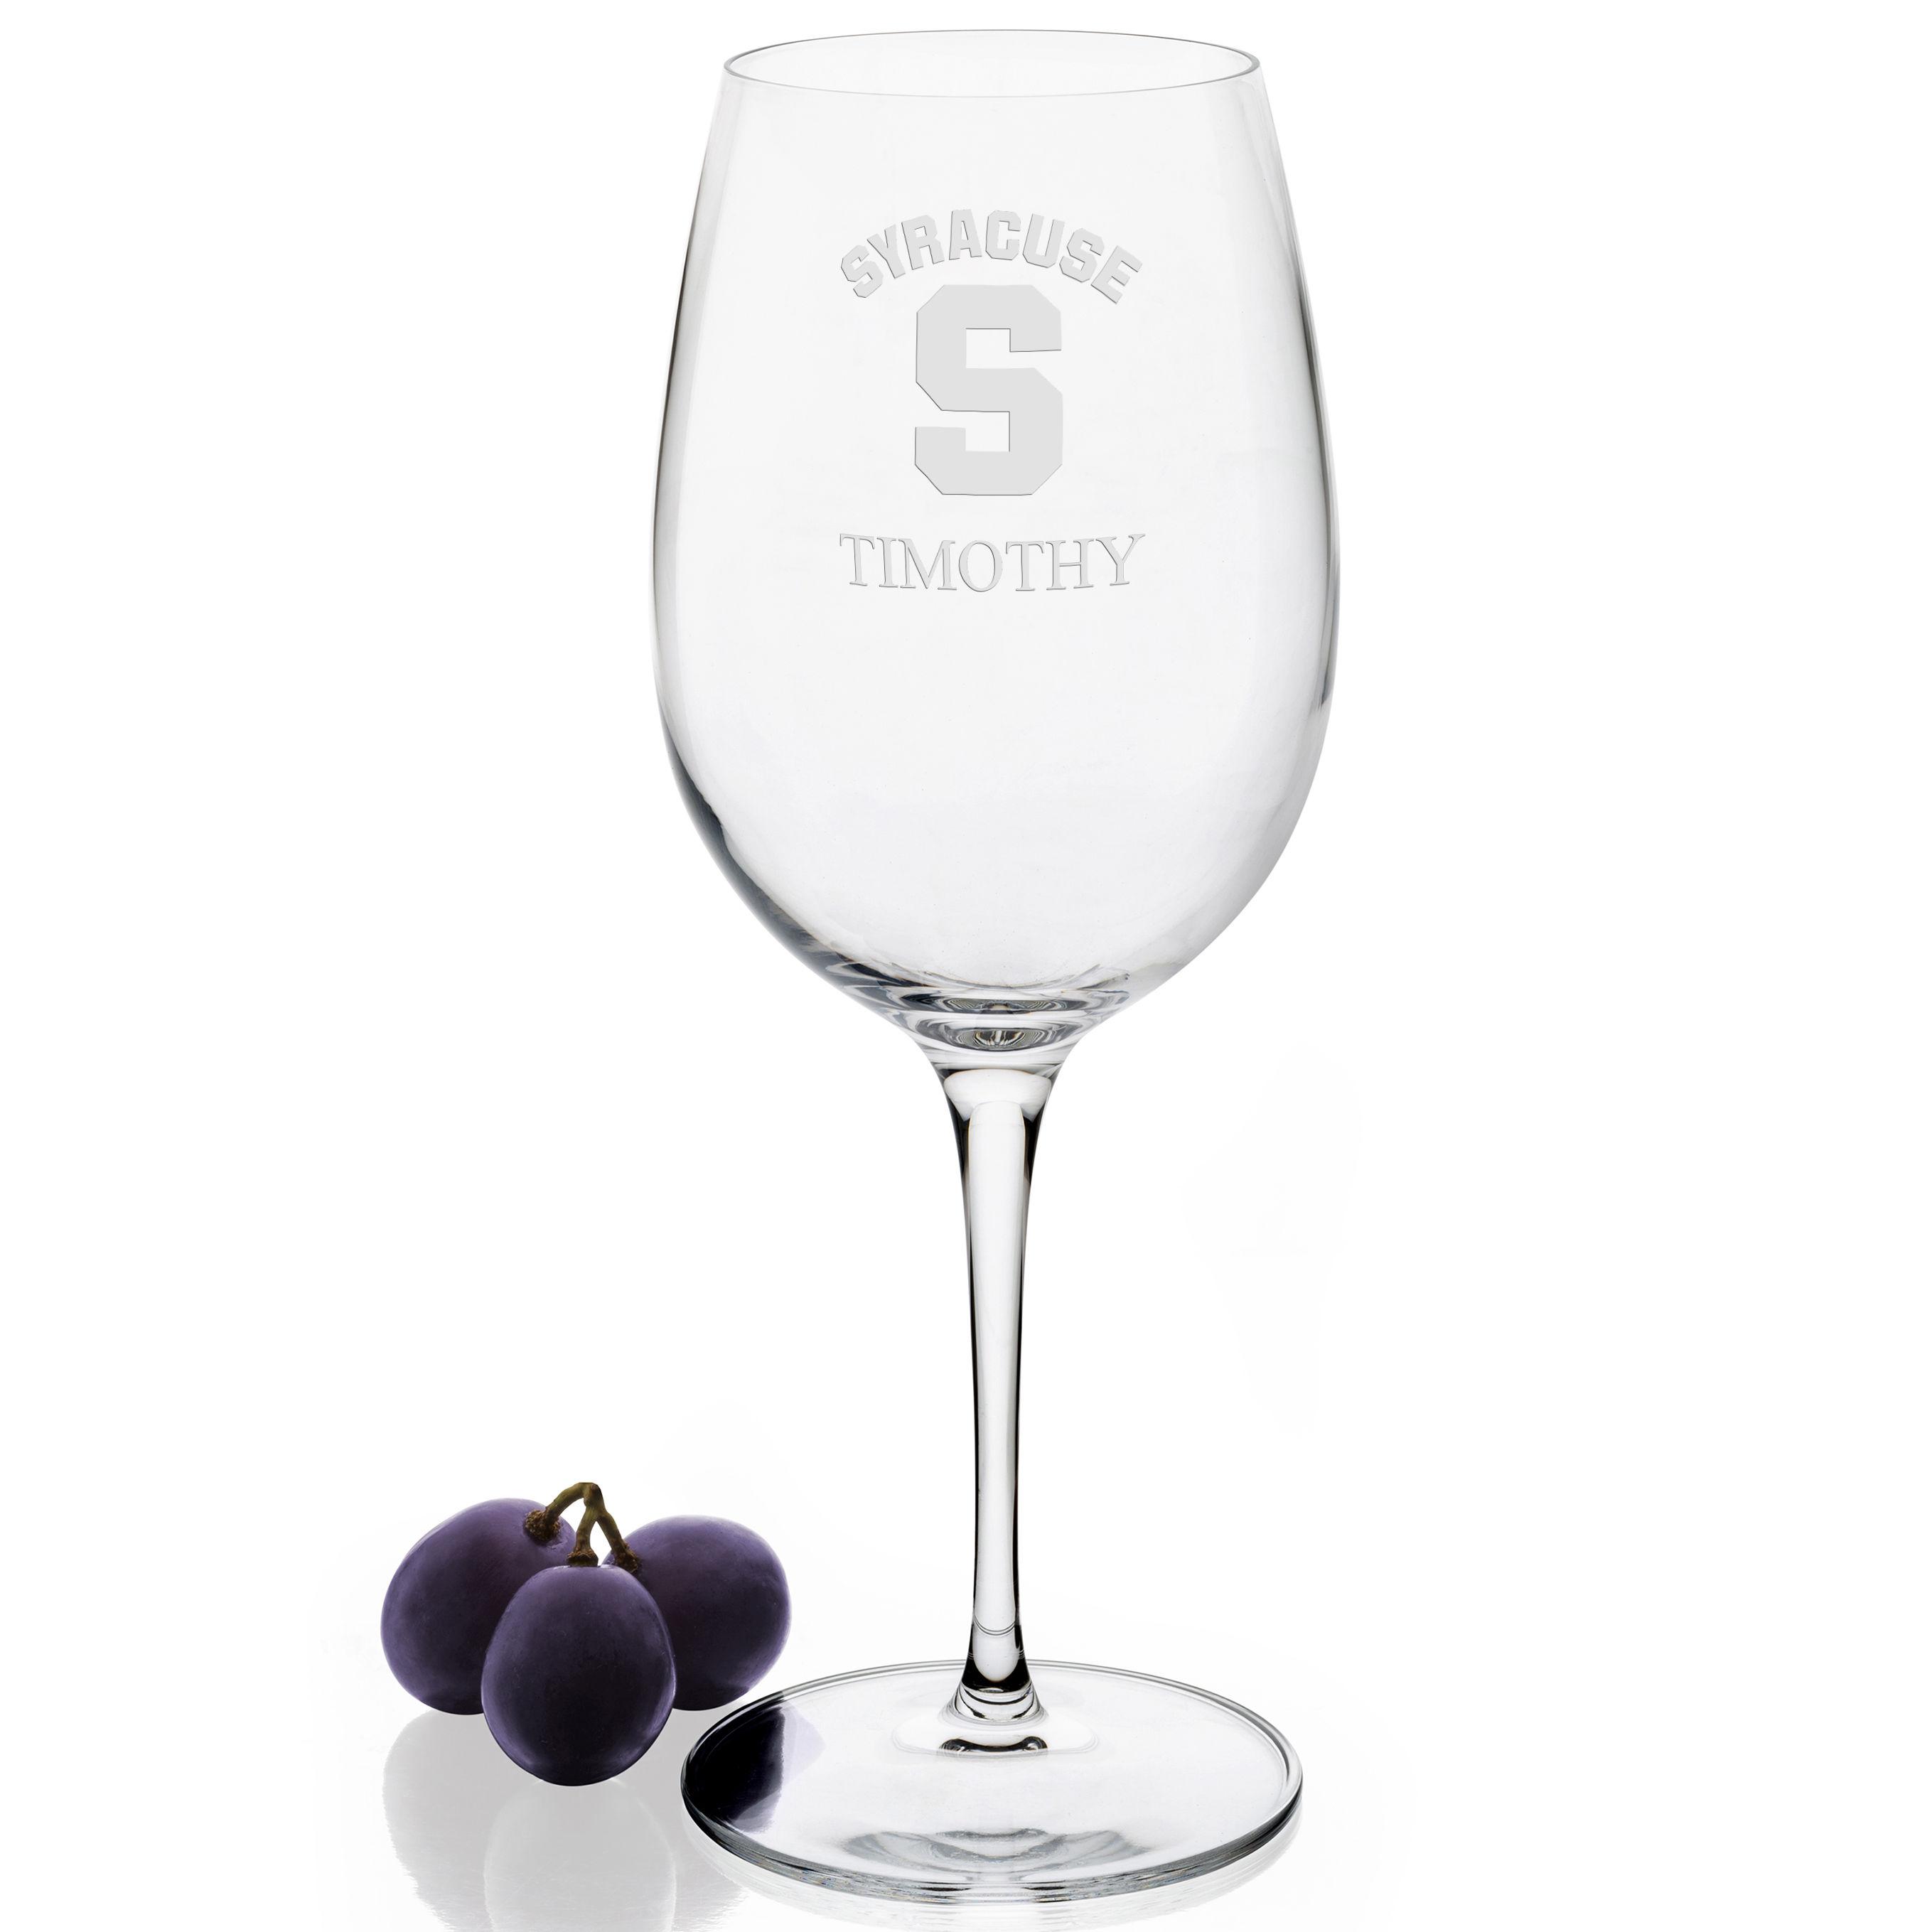 Syracuse University Red Wine Glasses - Set of 4 - Image 2